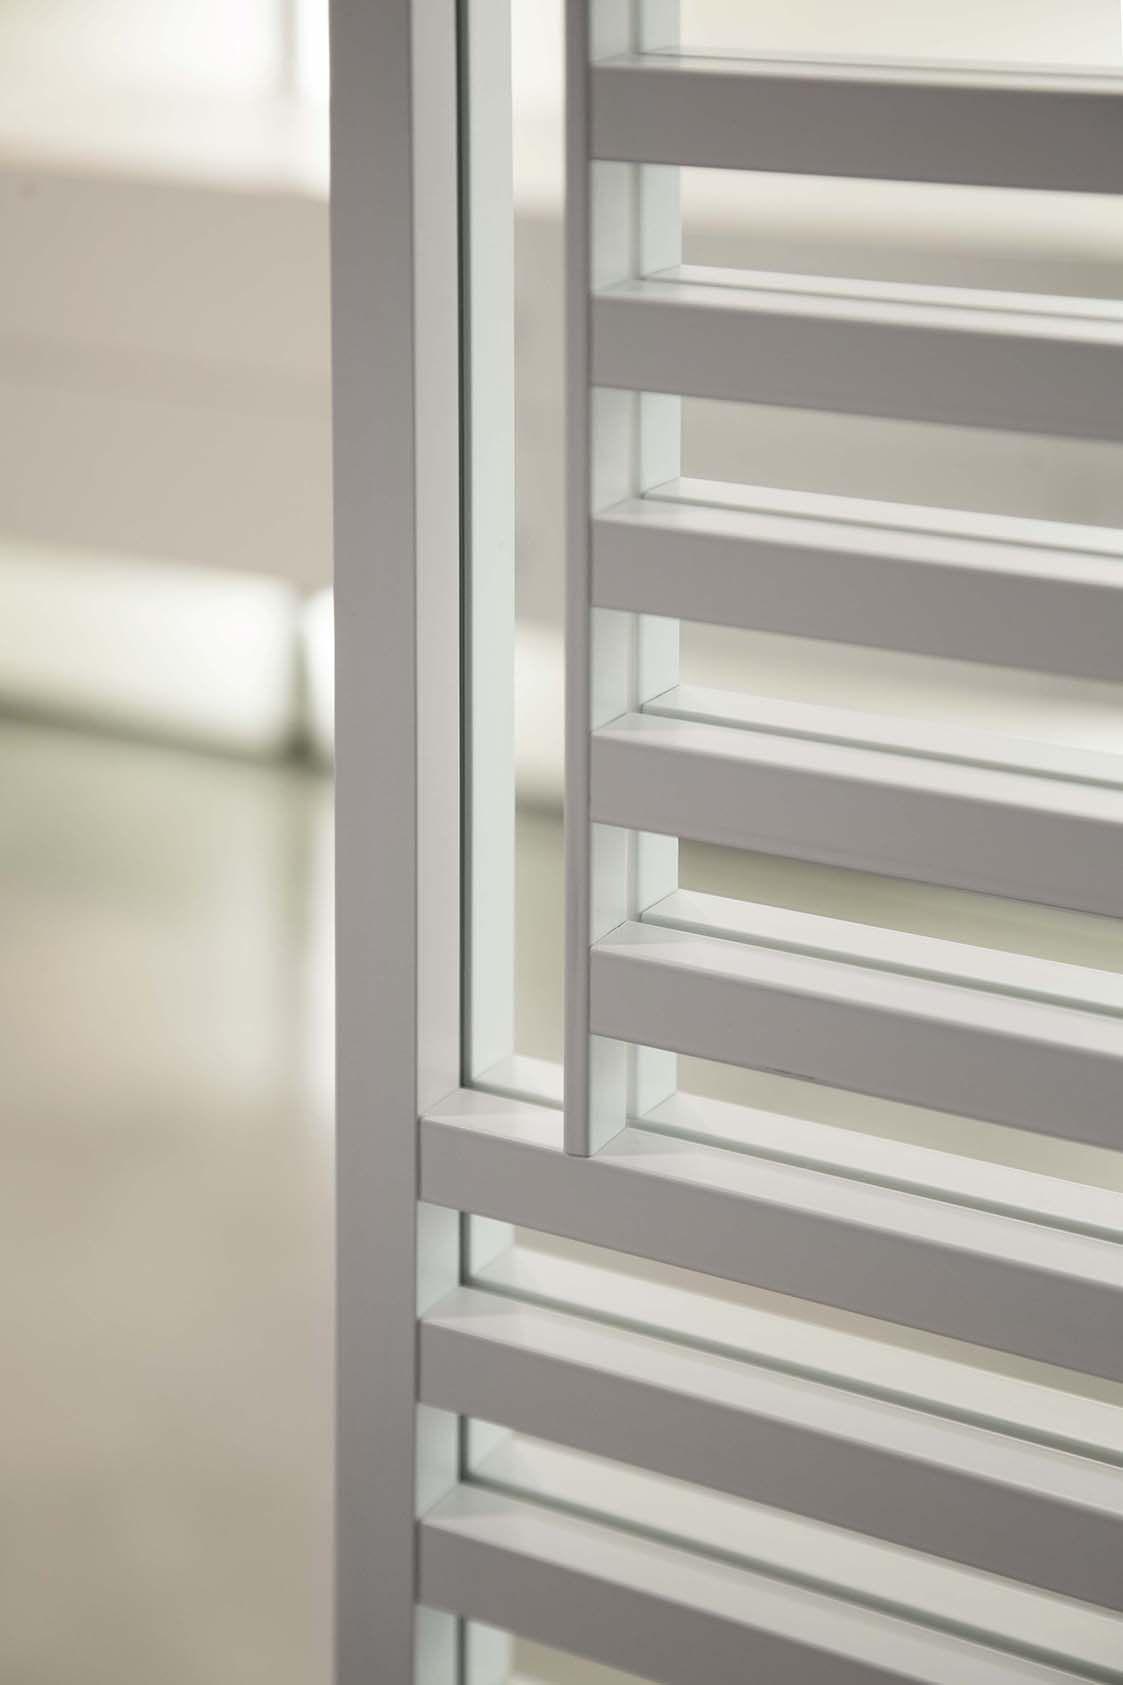 Dettaglio maniglia porta scorrevole in vetro neutro e alluminio bianco porte modello line - Pulizia specchio reflex ...